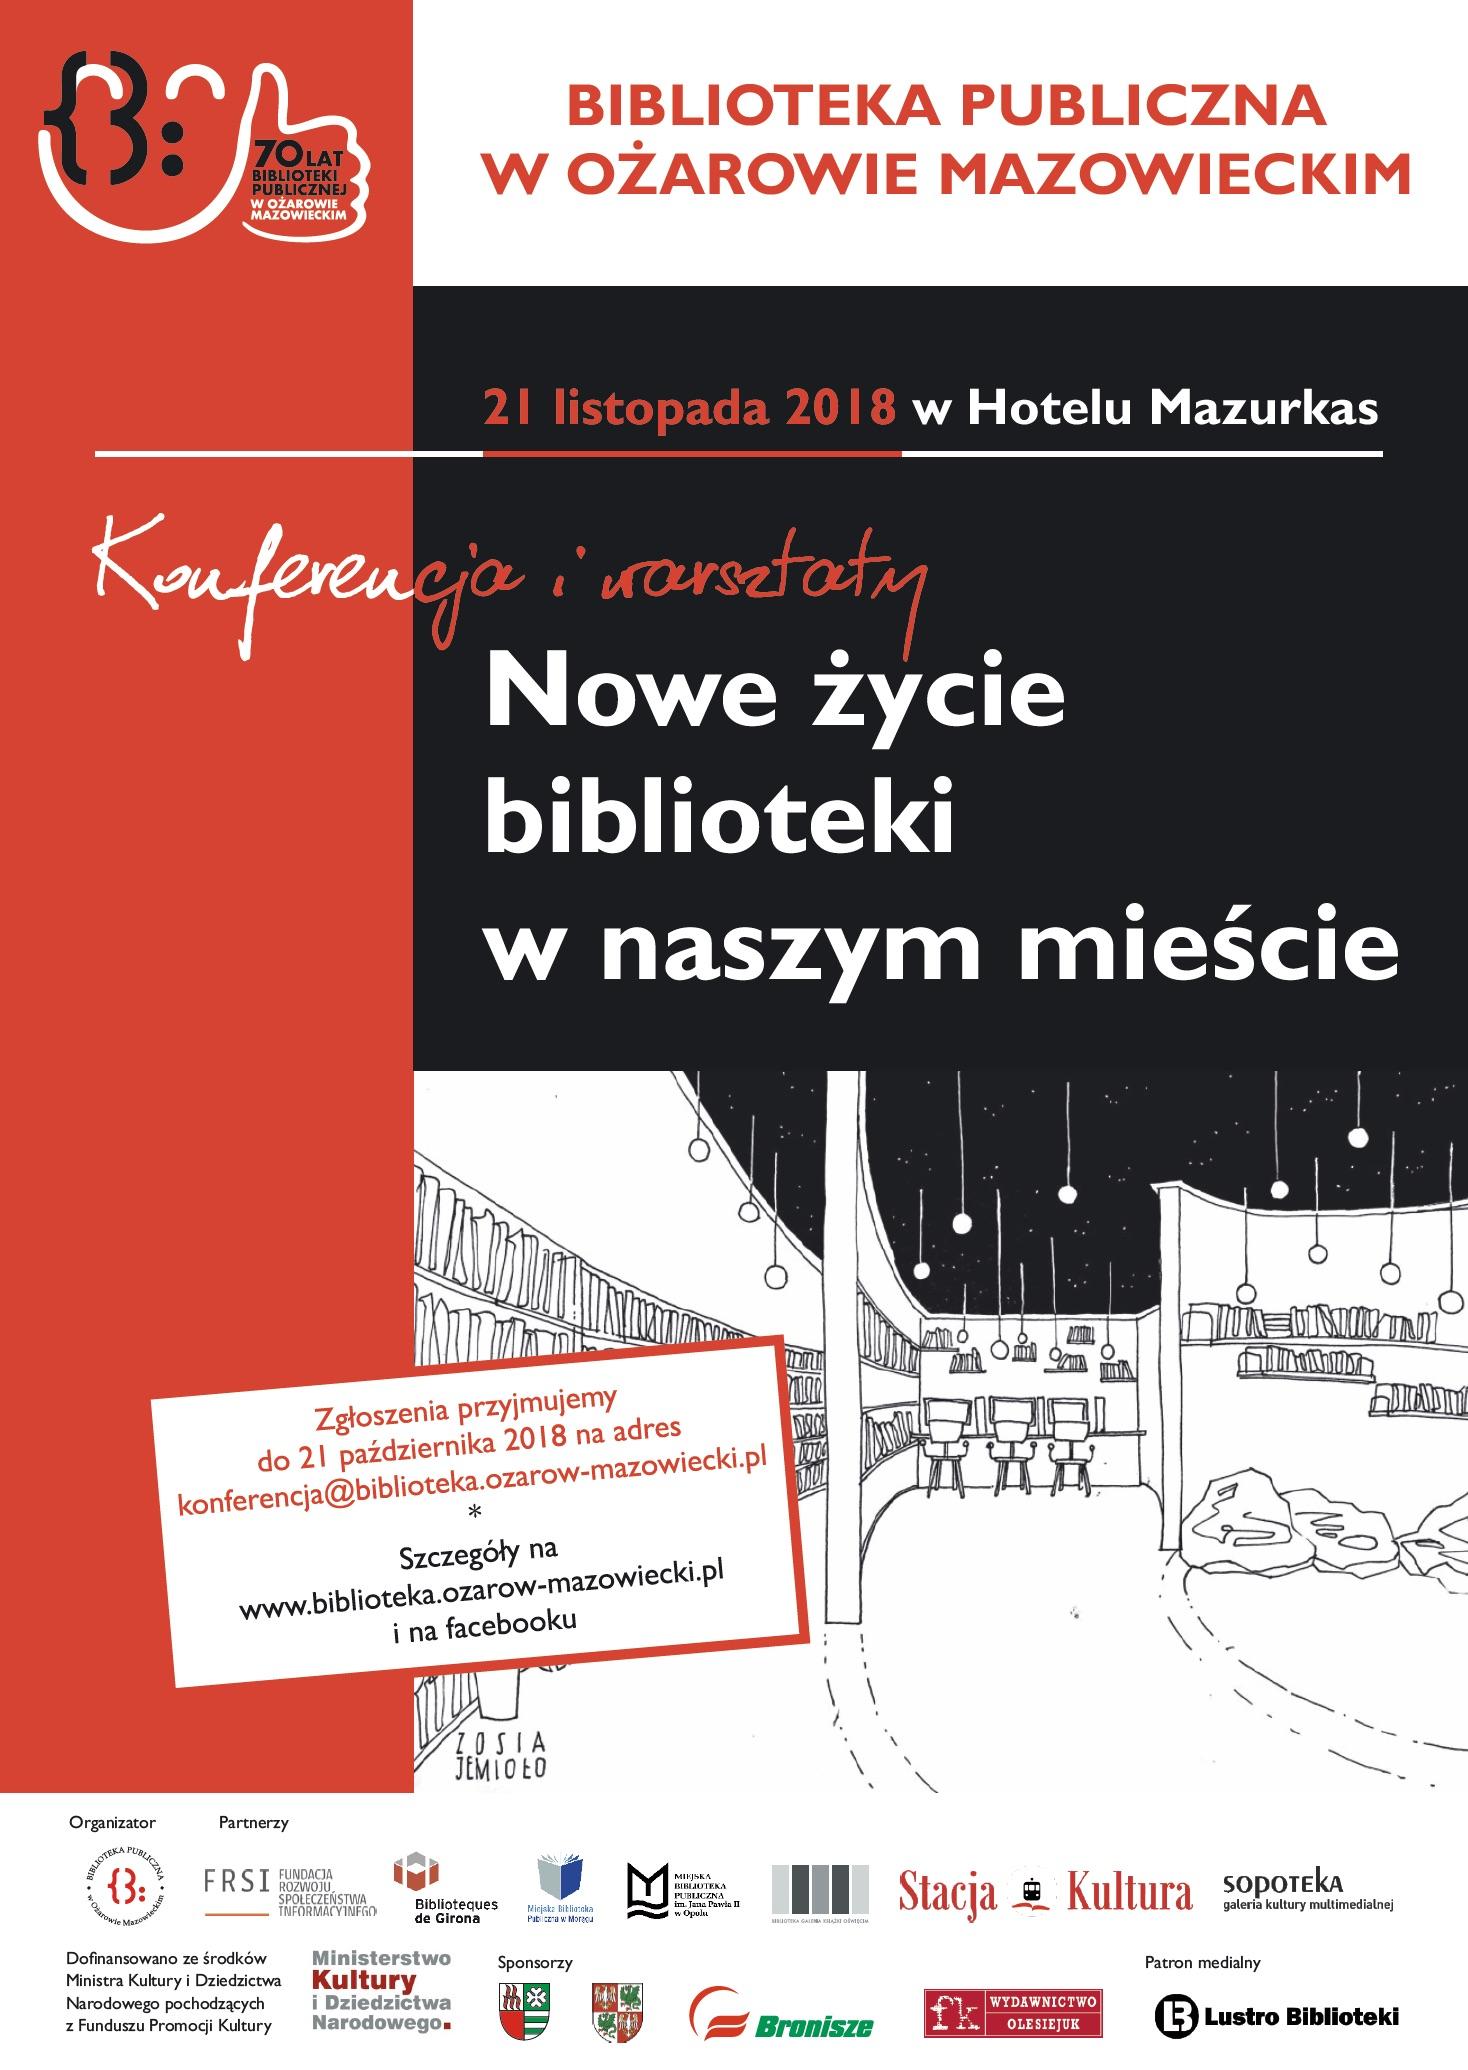 Nowe życie biblioteki w naszym mieście